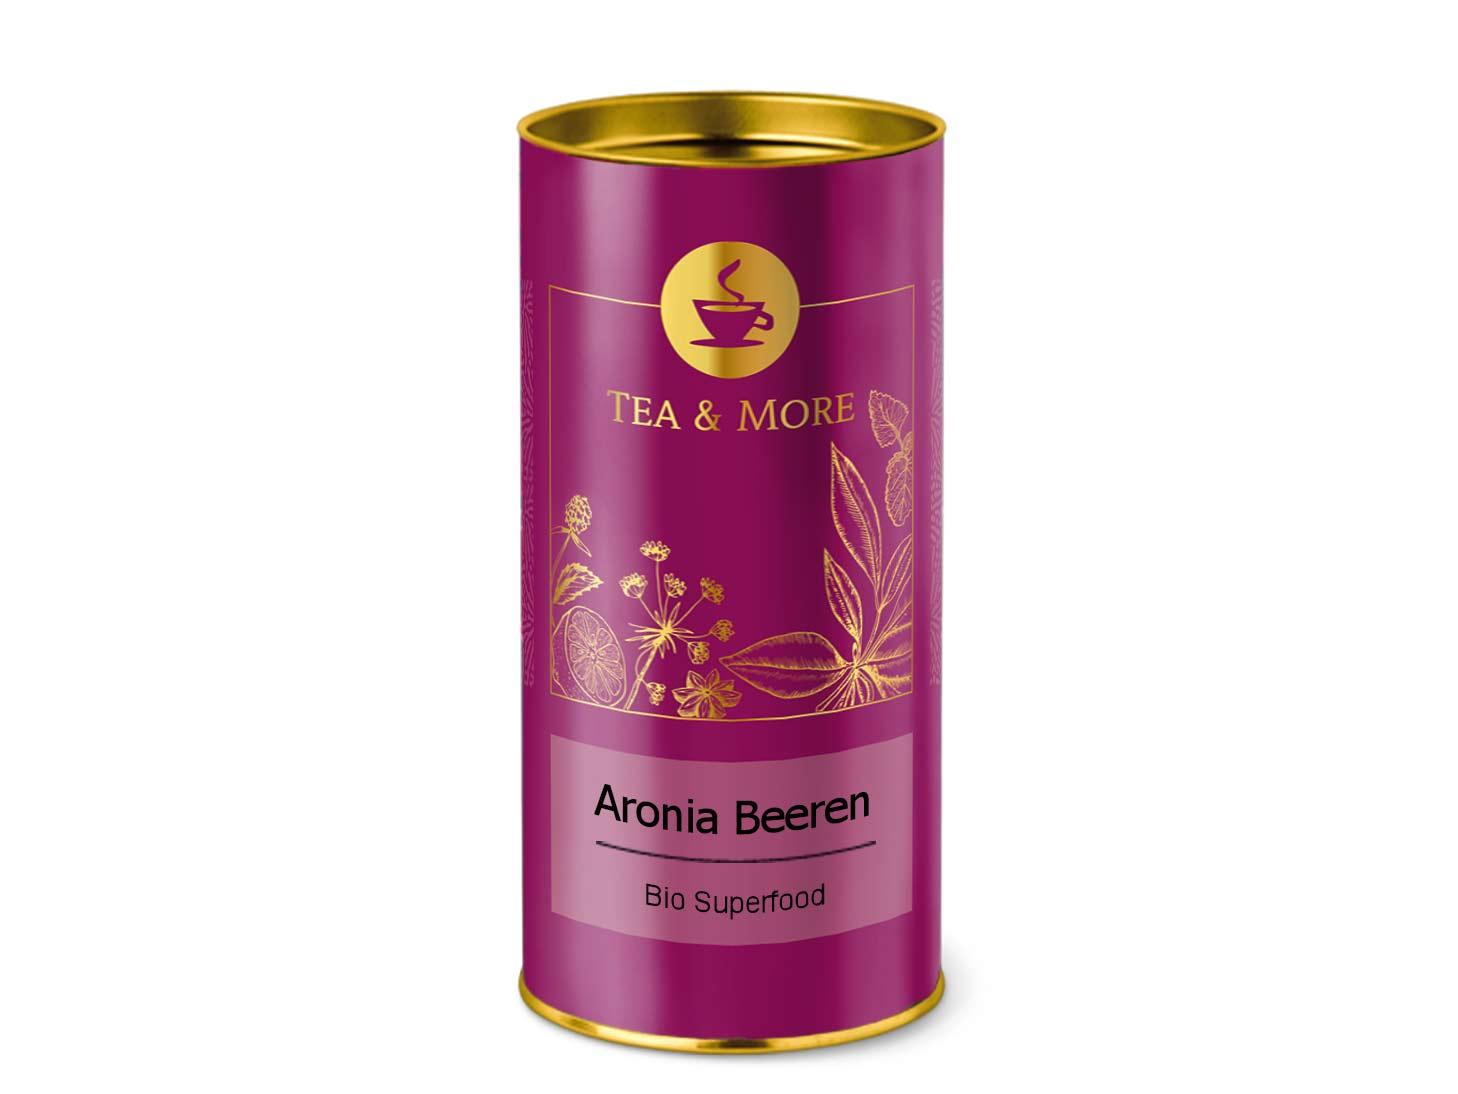 Aronia Beeren (Bio)